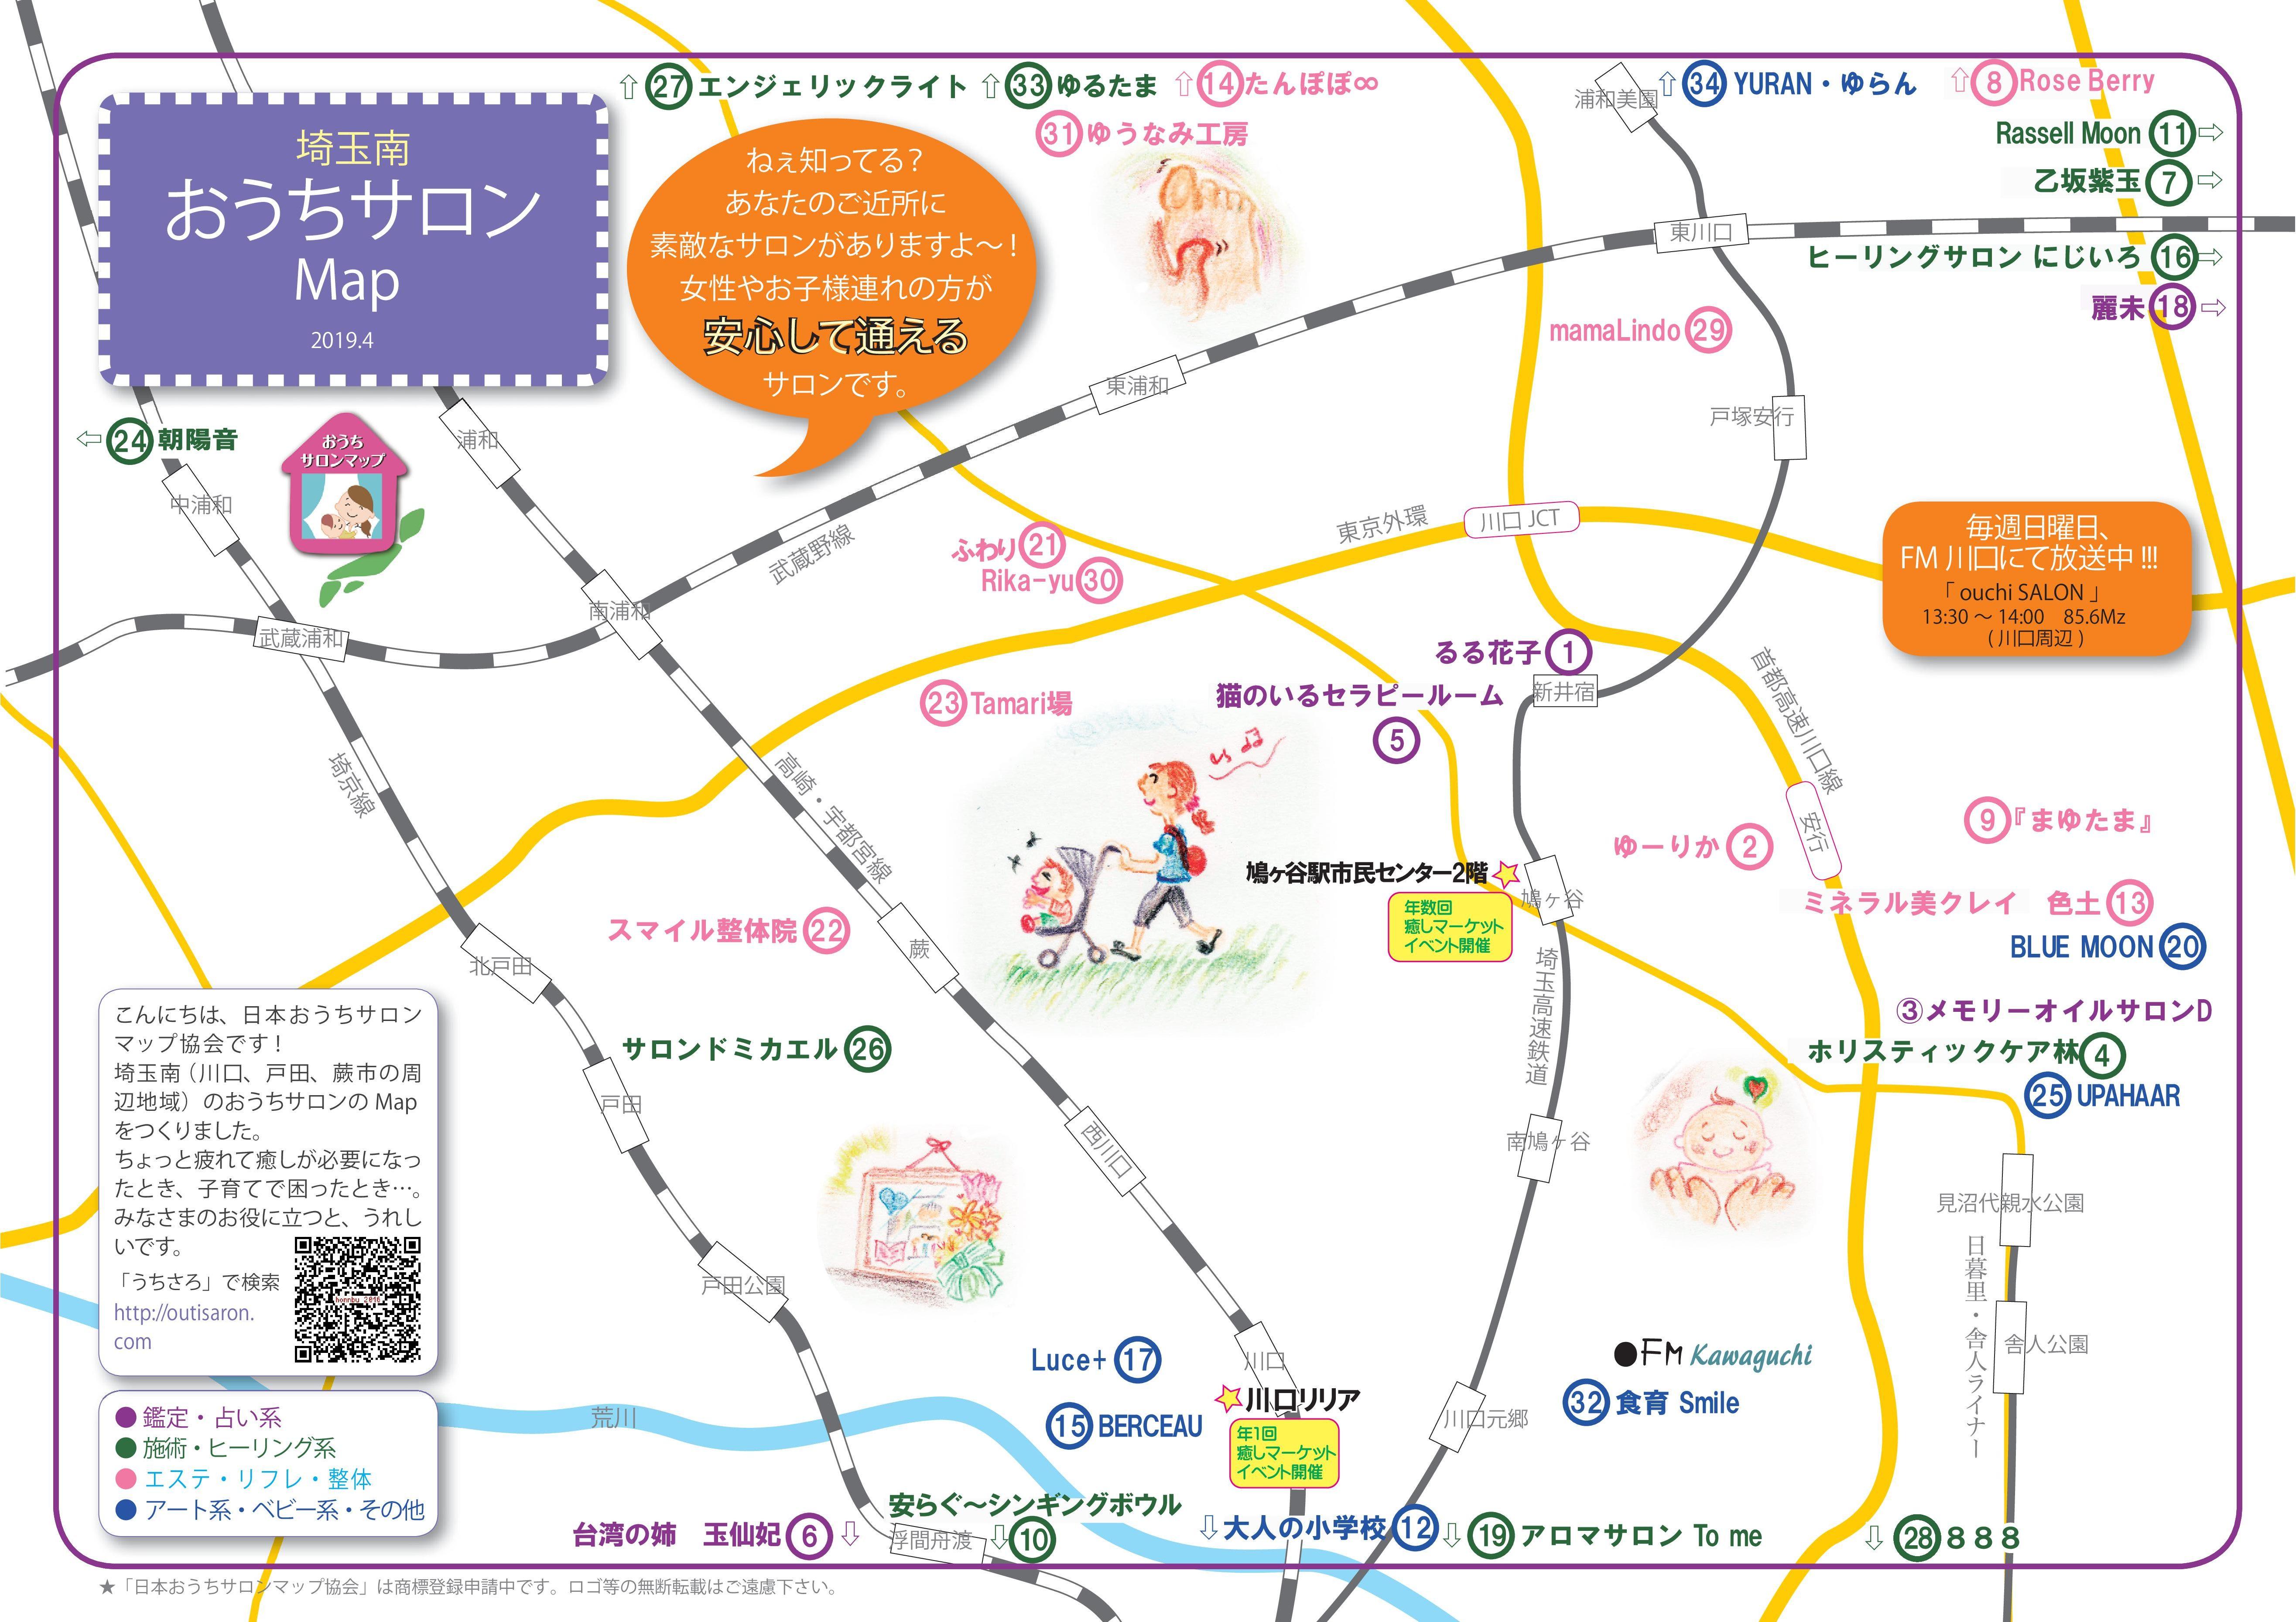 13-209埼玉南表